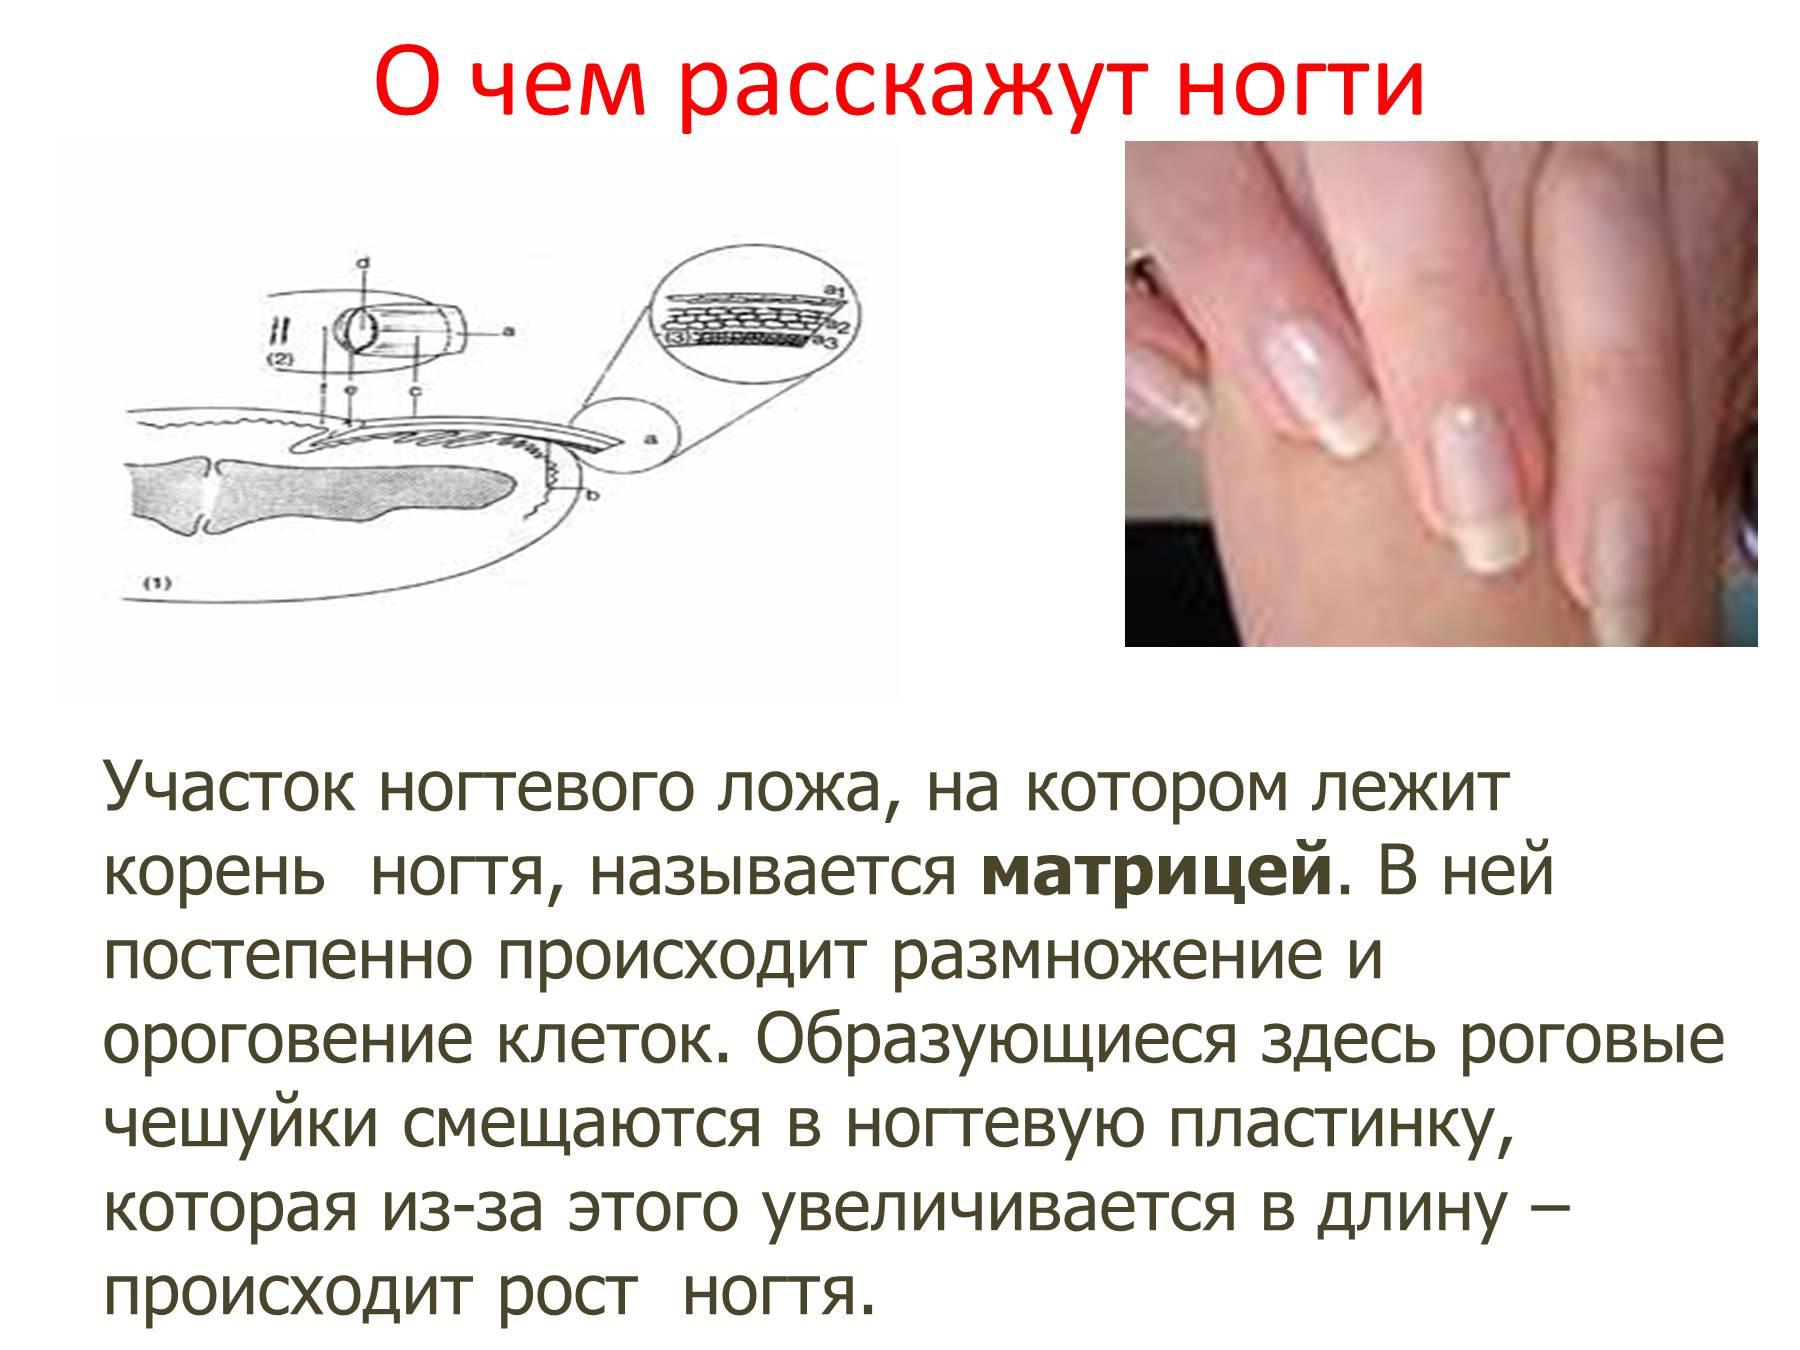 Как происходит рост ногтей